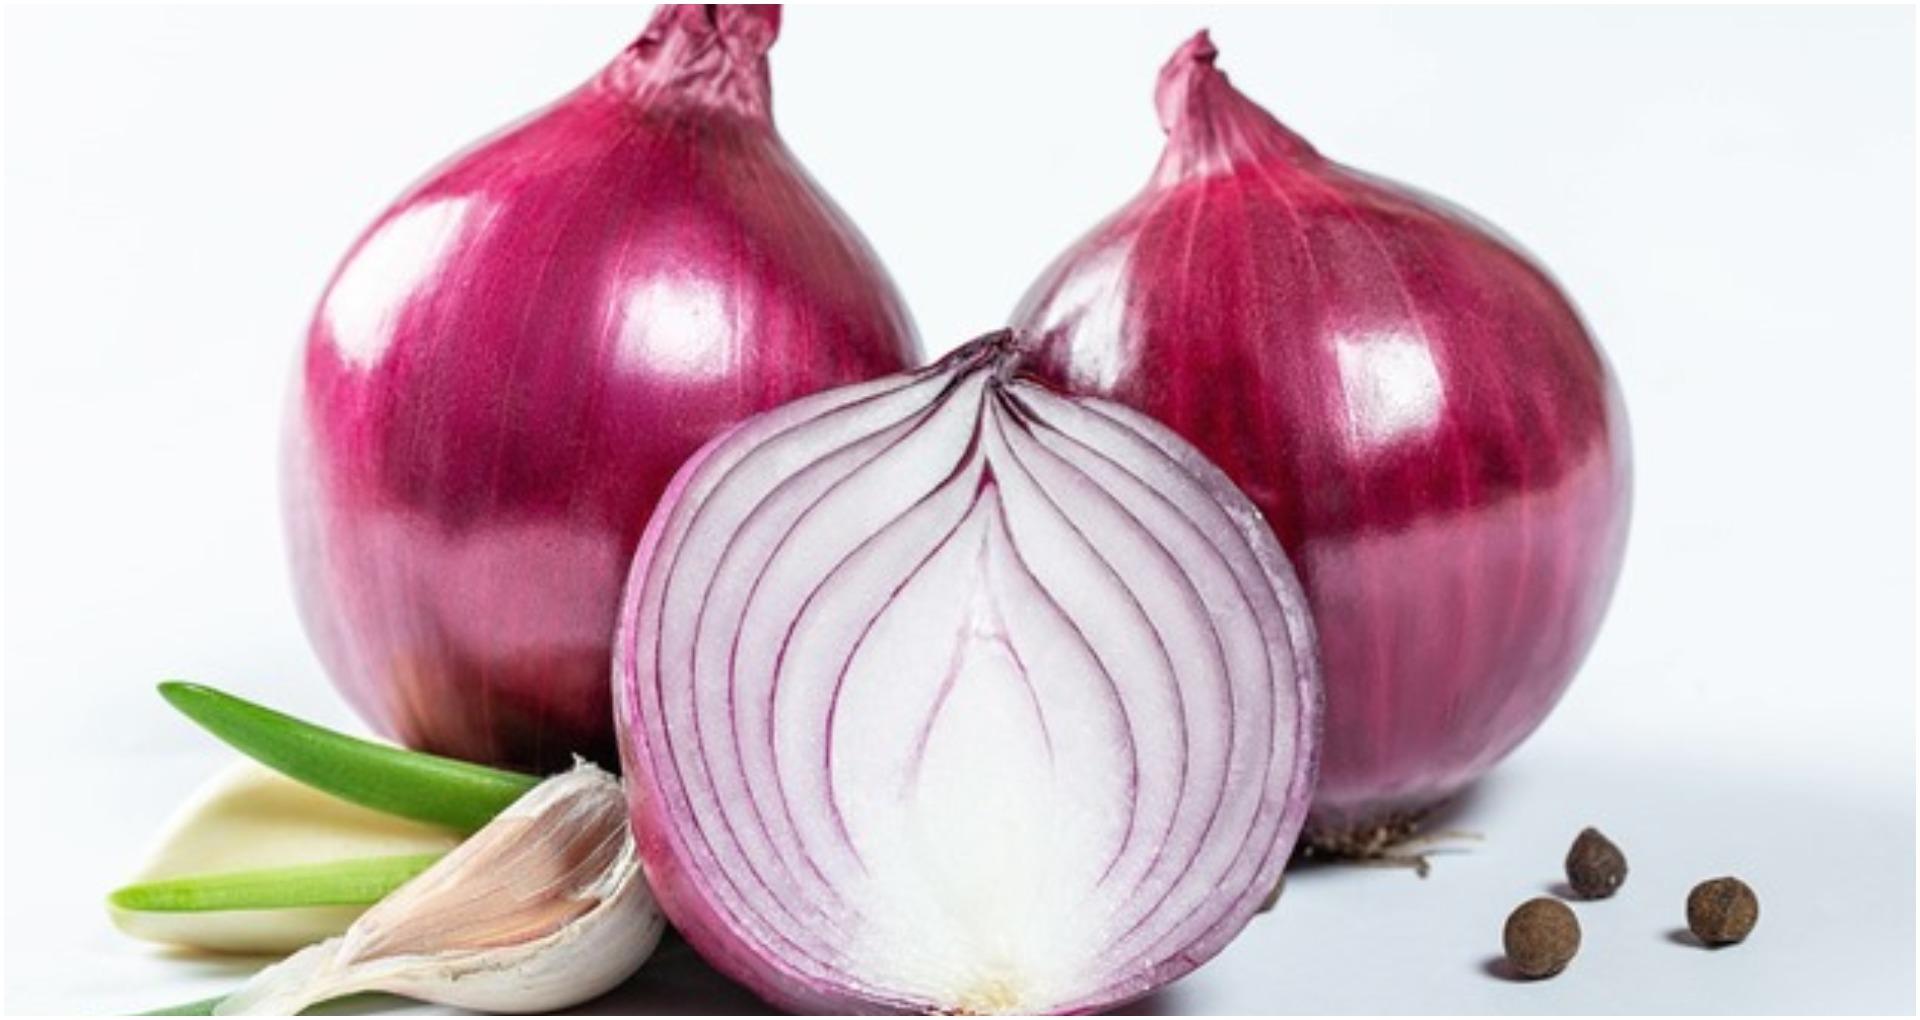 Onion Health Benefits: प्रतिदिन कच्चे प्याज खाने के फायदे को देखकर दंग हो जायेंगे आप, आज से ही खाना शुरू करे